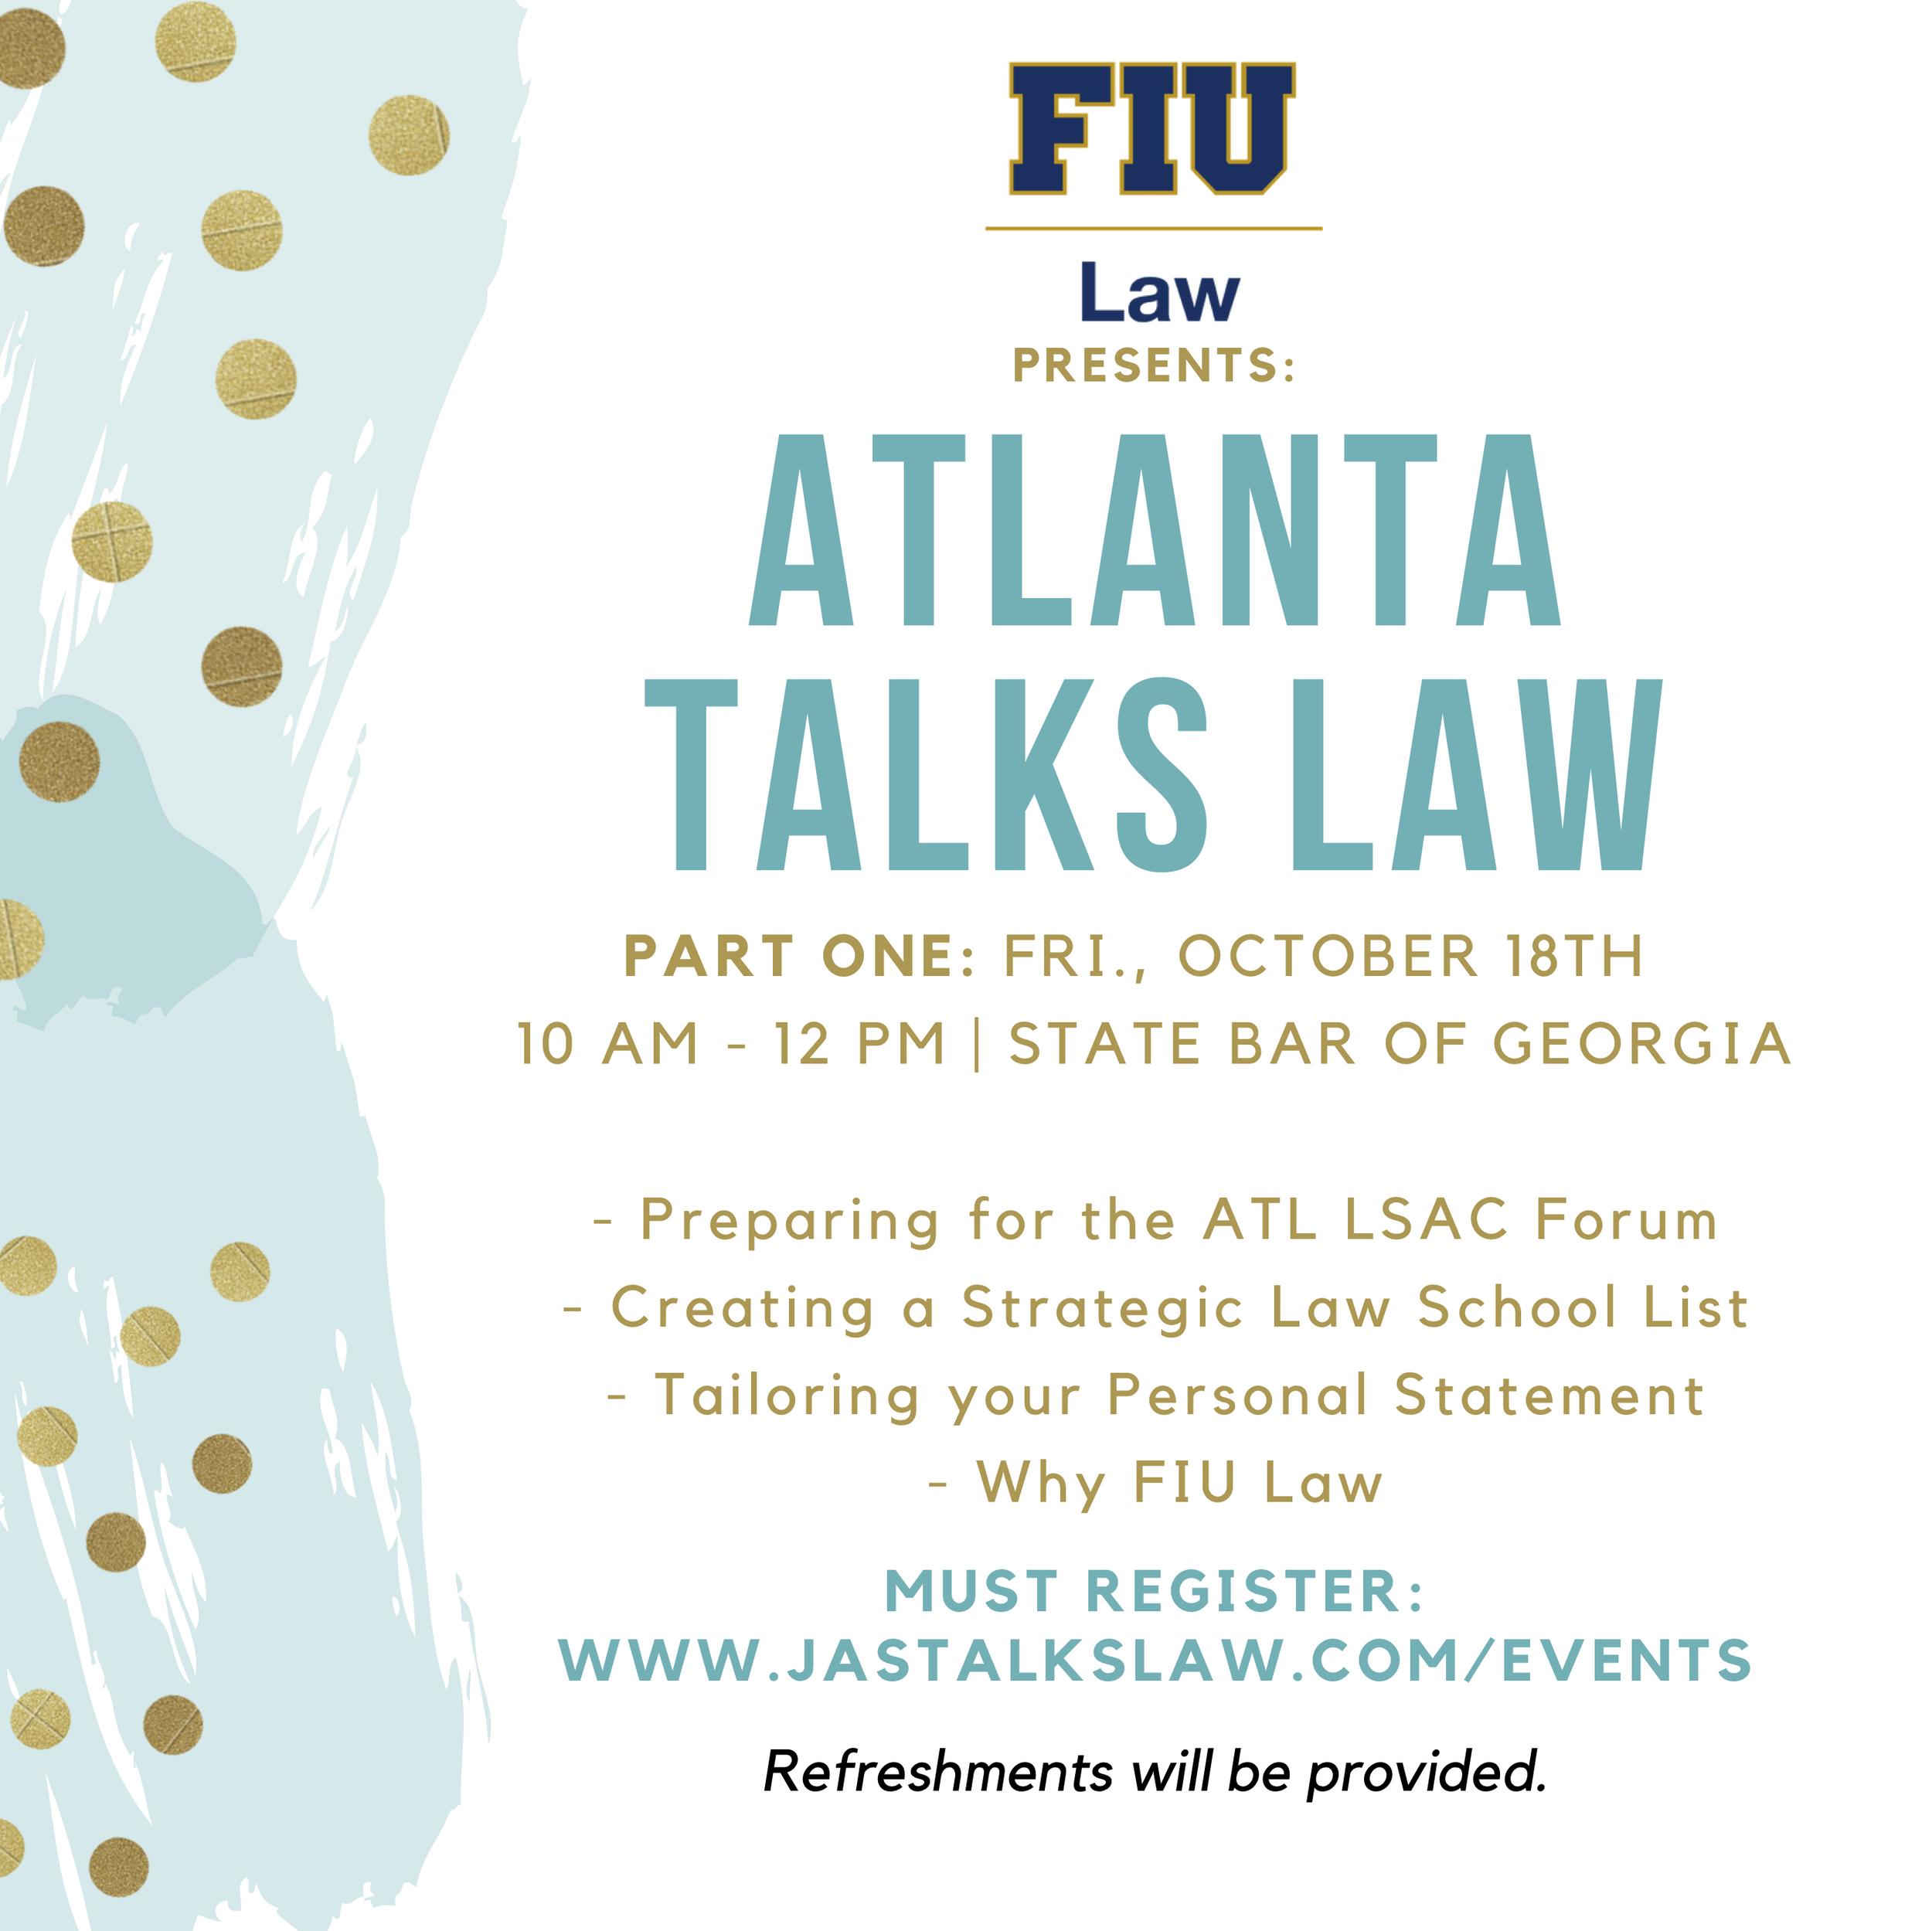 ATL Talks Law-2 (dragged).png